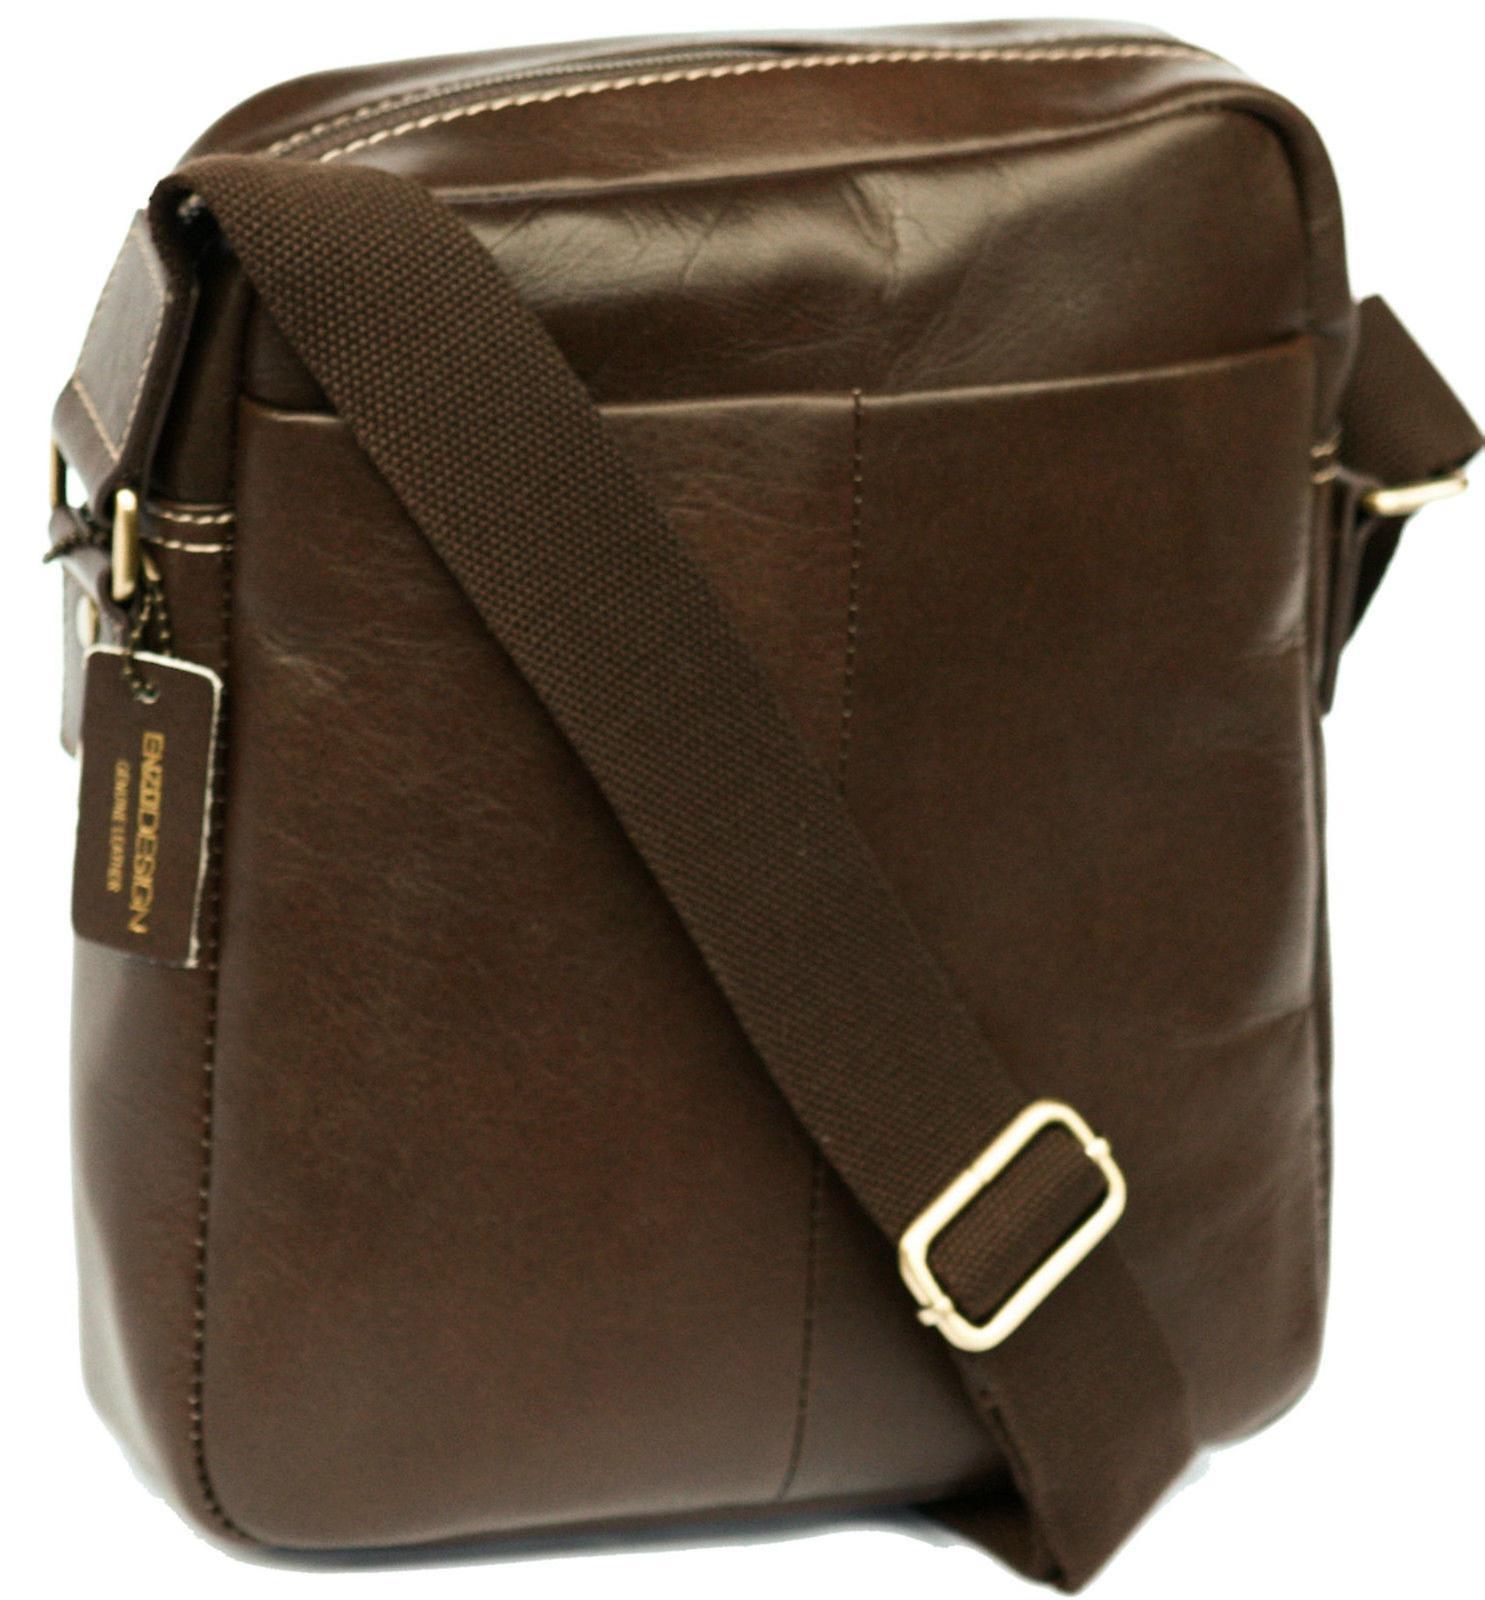 Soft Leather Cross Body Shoulder Bag Ipad Tablet Pocket Strap Case Messenger